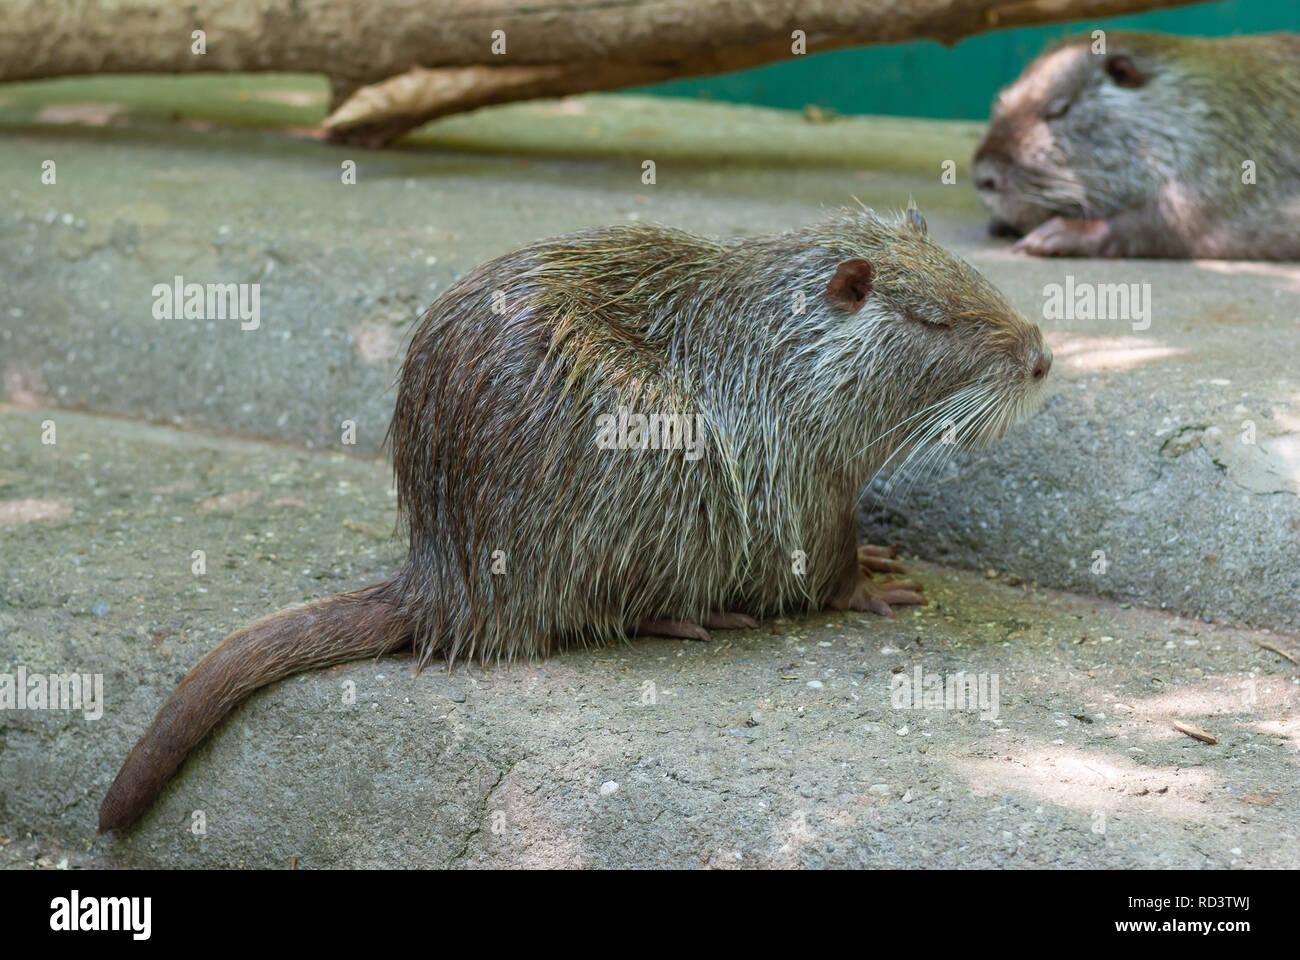 Il coypu noto anche come la nutria avente poggiare su una superficie di cemento dopo il bagno procedure essendo in cattività Foto Stock